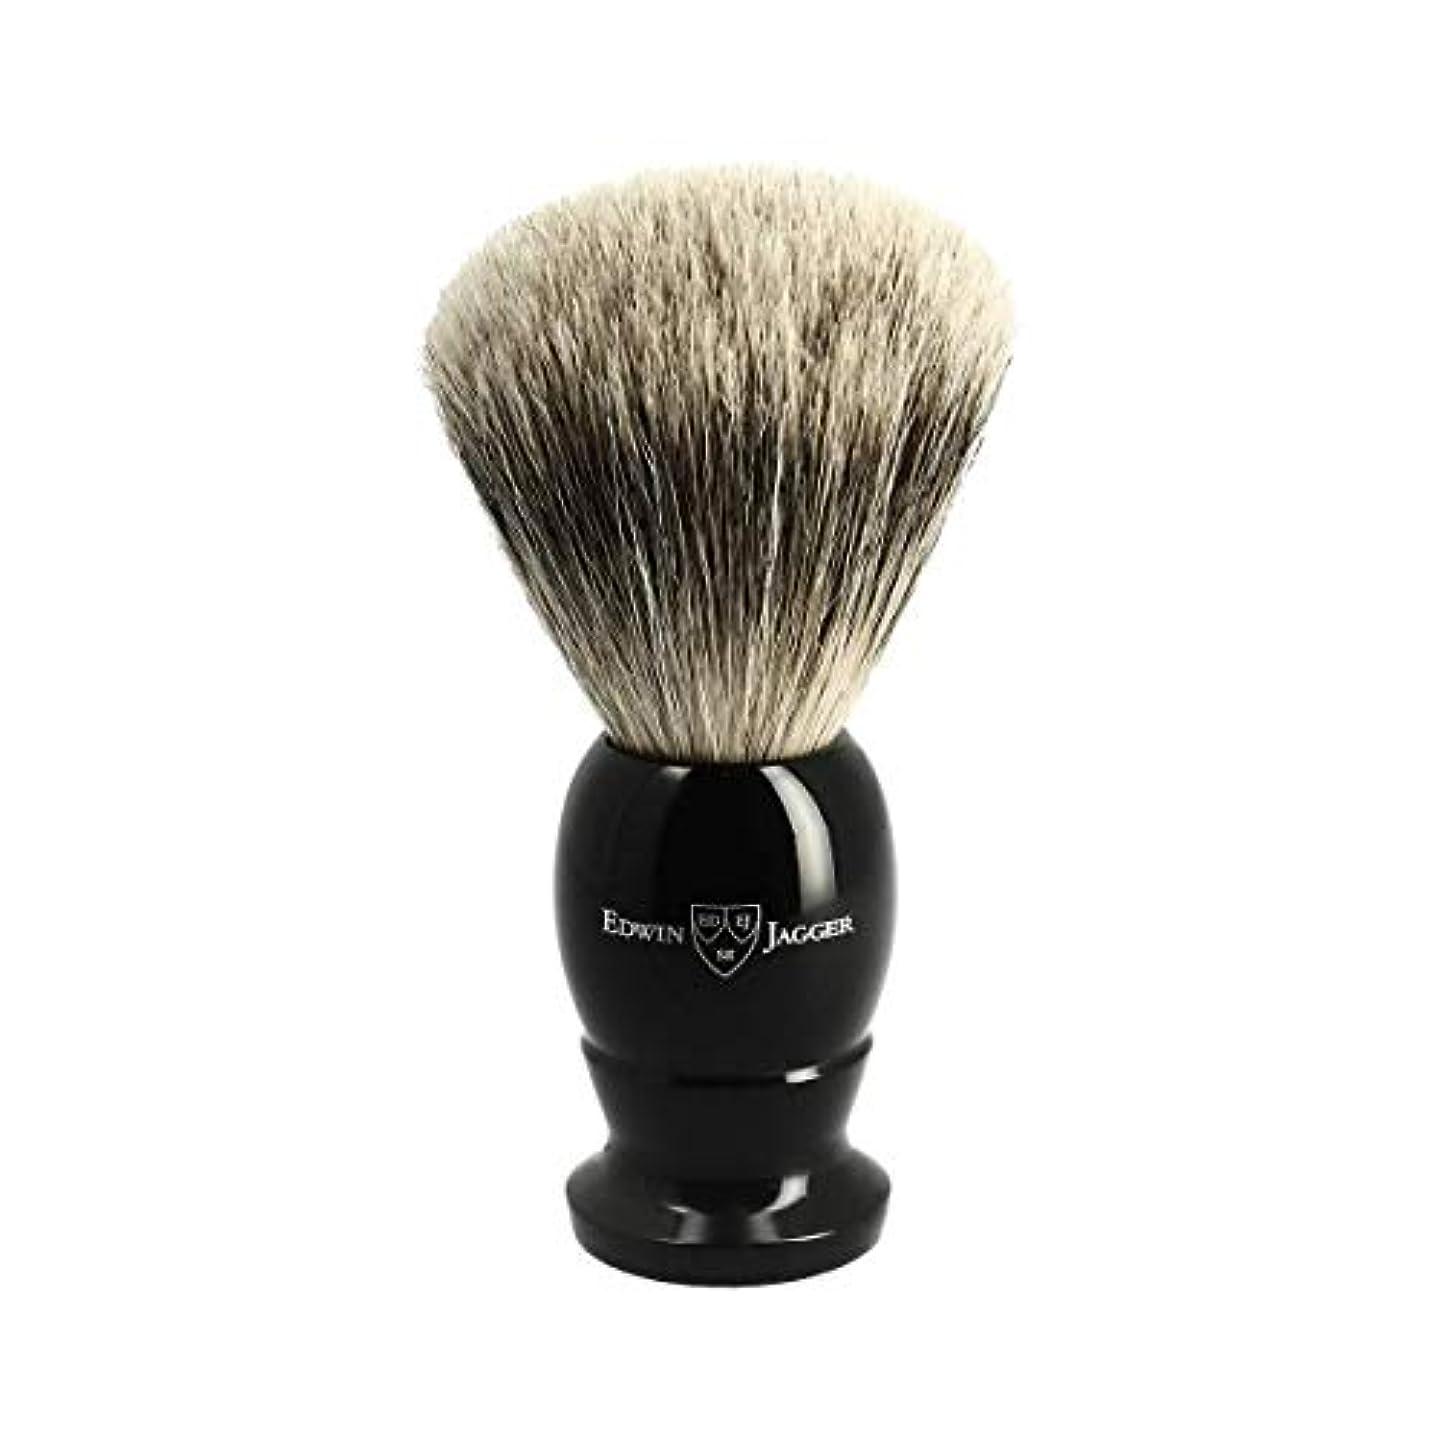 ロッジ合唱団薬理学エドウィンジャガー ベストバッジャーアナグマ毛 エボニーシェービングブラシ大3EJ876[海外直送品]Edwin Jagger Best Badger Ebony Shaving Brush Large 3EJ876 [...